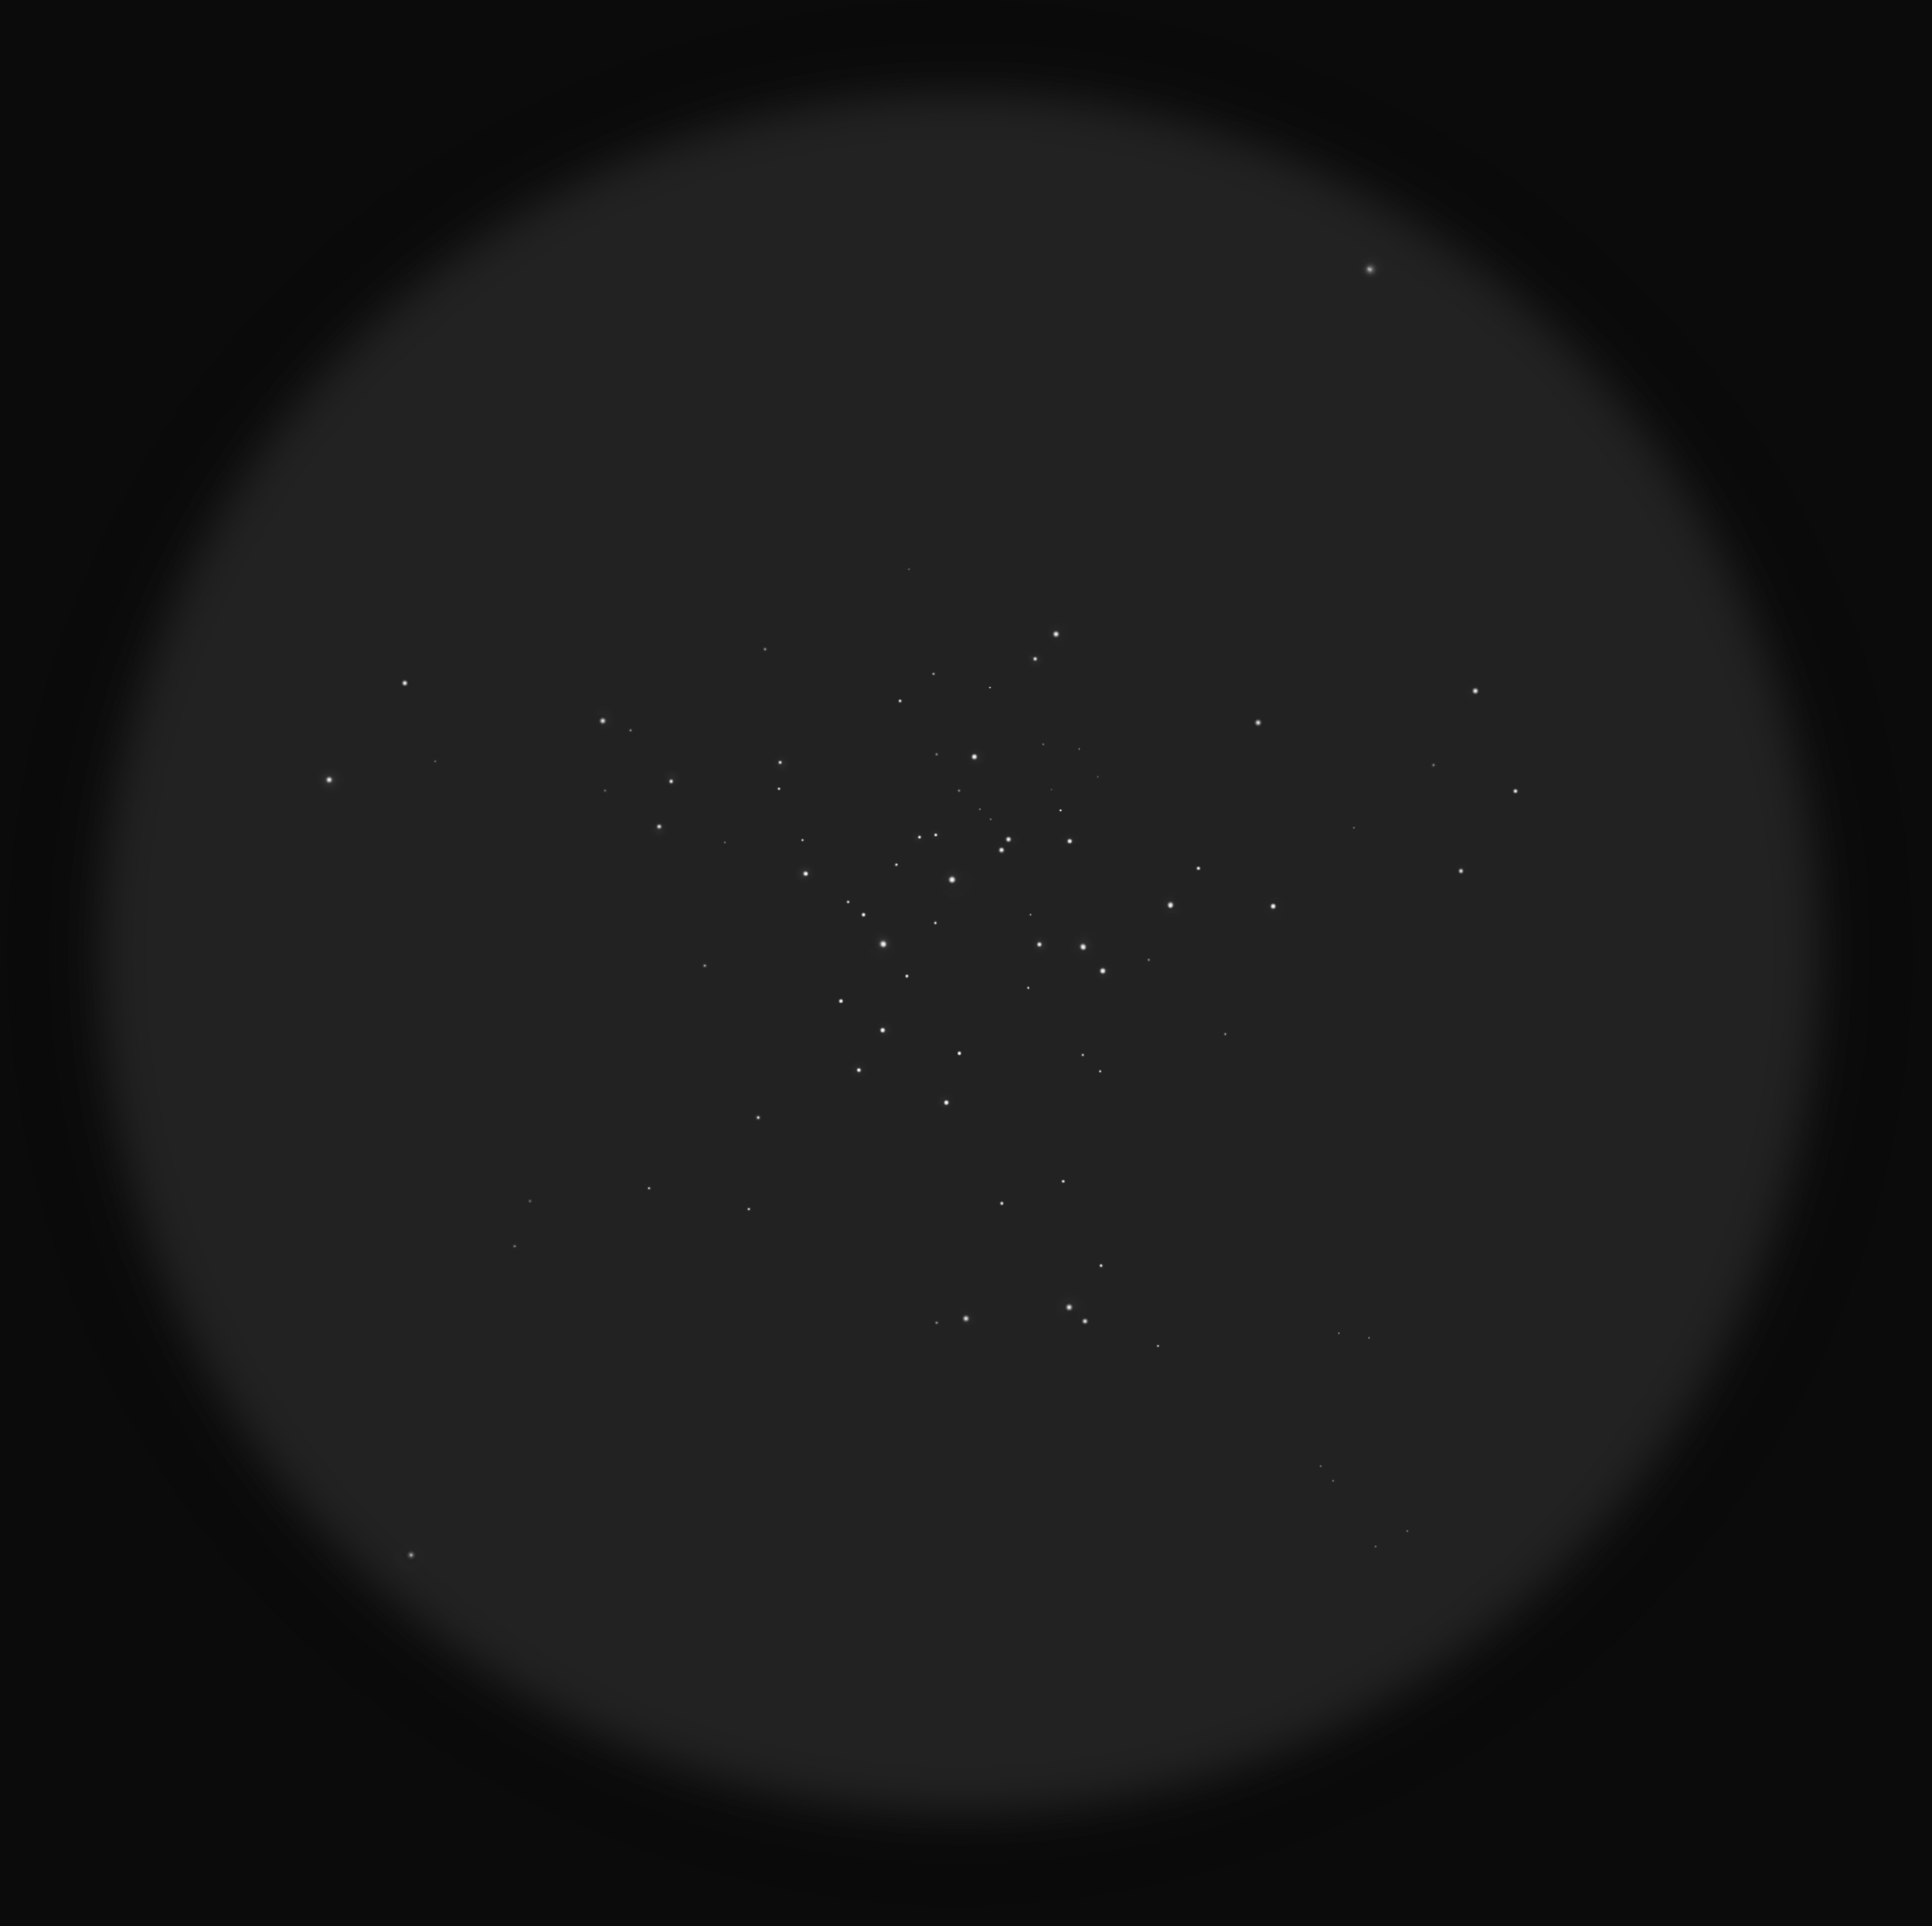 M36 Pinwheel Cluster (Zeichnung)